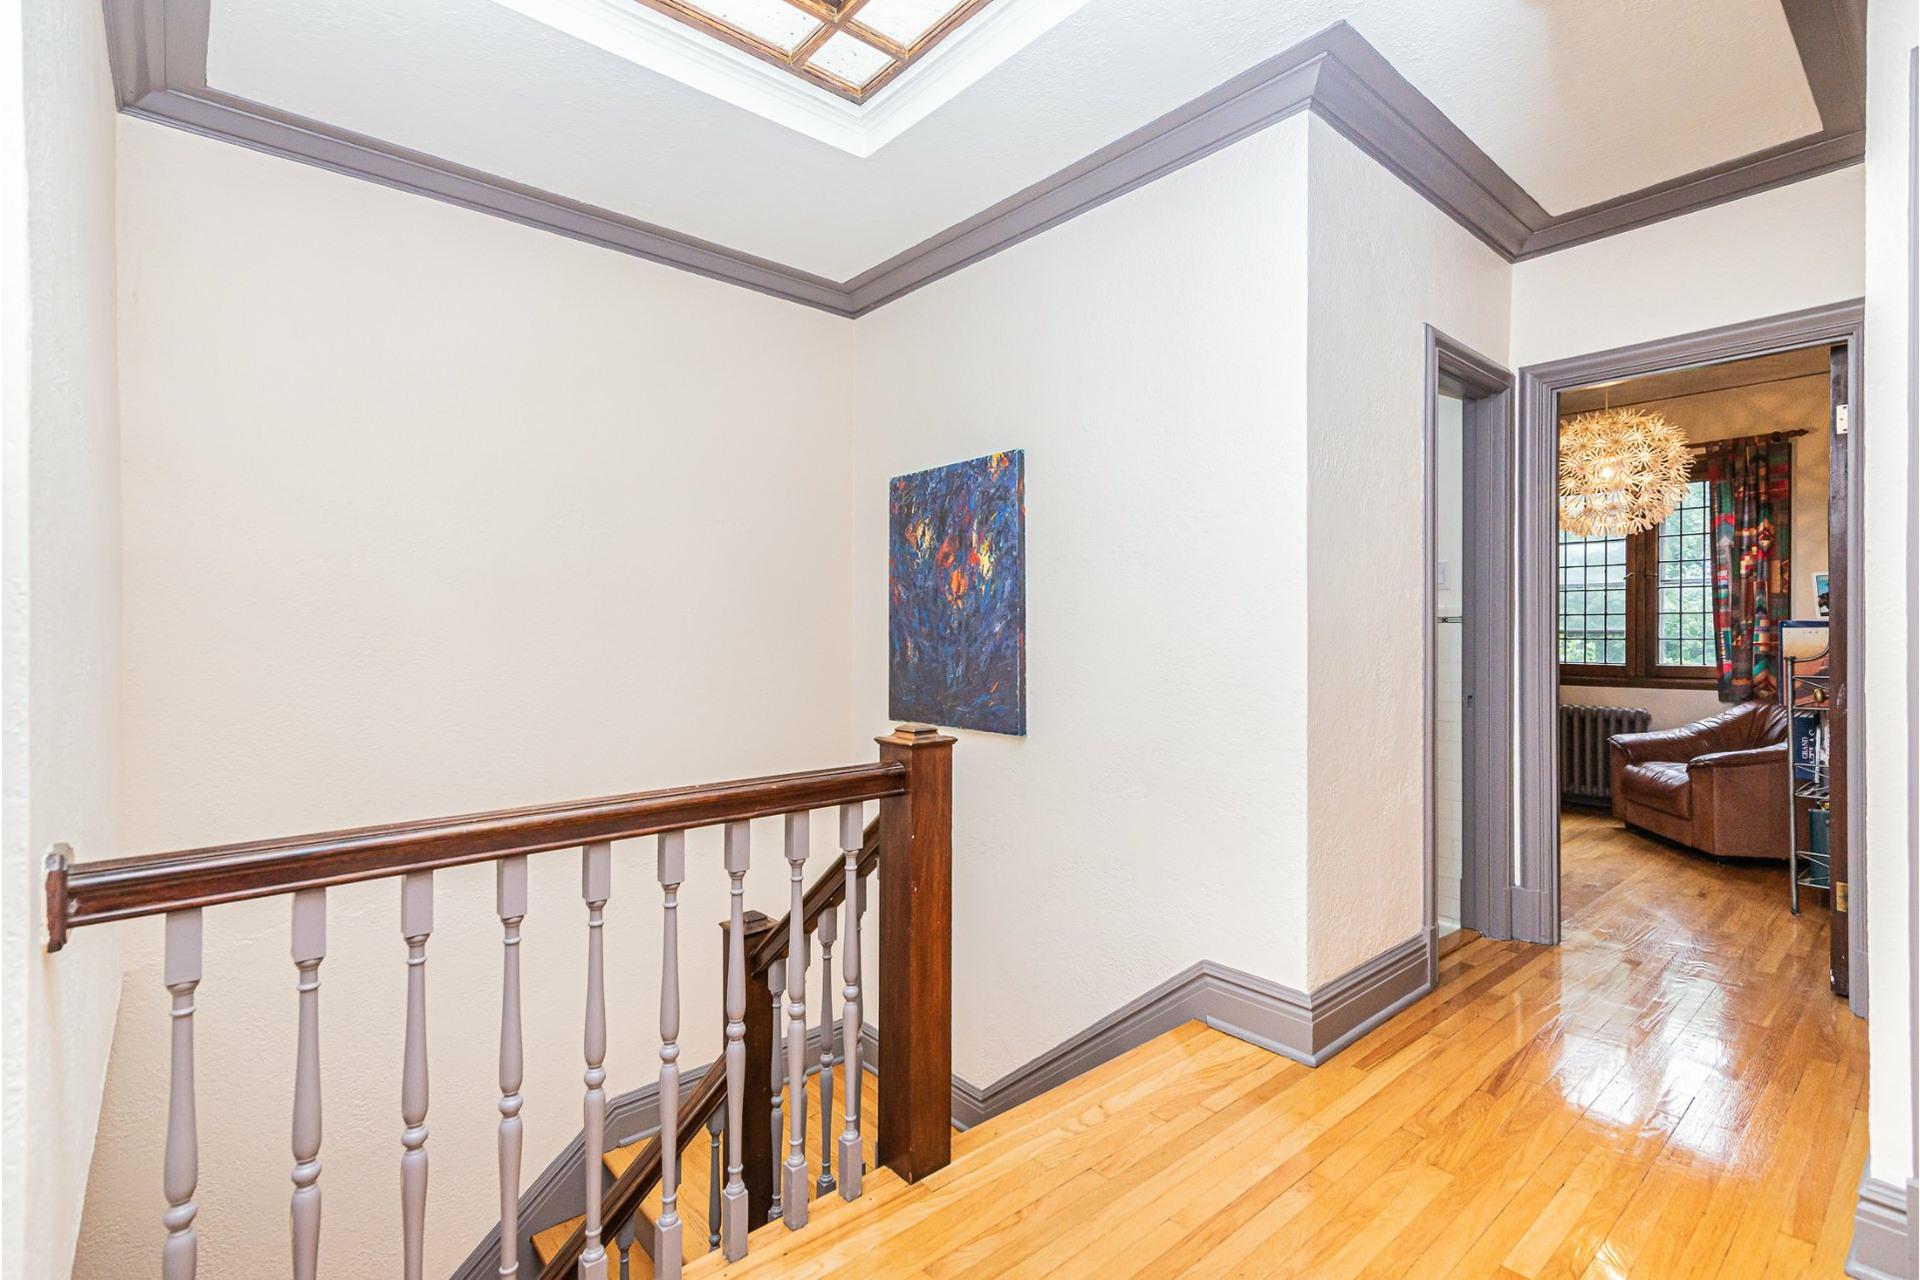 image 14 - House For rent Côte-des-Neiges/Notre-Dame-de-Grâce Montréal  - 9 rooms